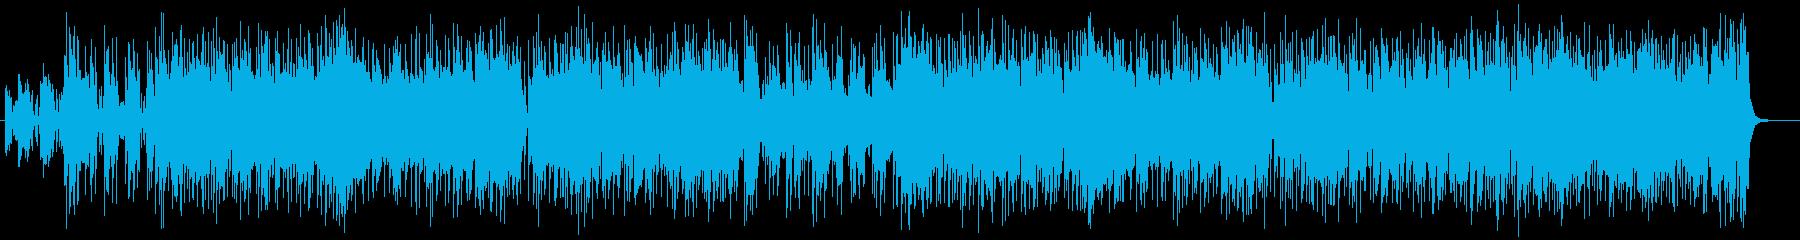 軽やかでノリの良いポップス風BGMの再生済みの波形